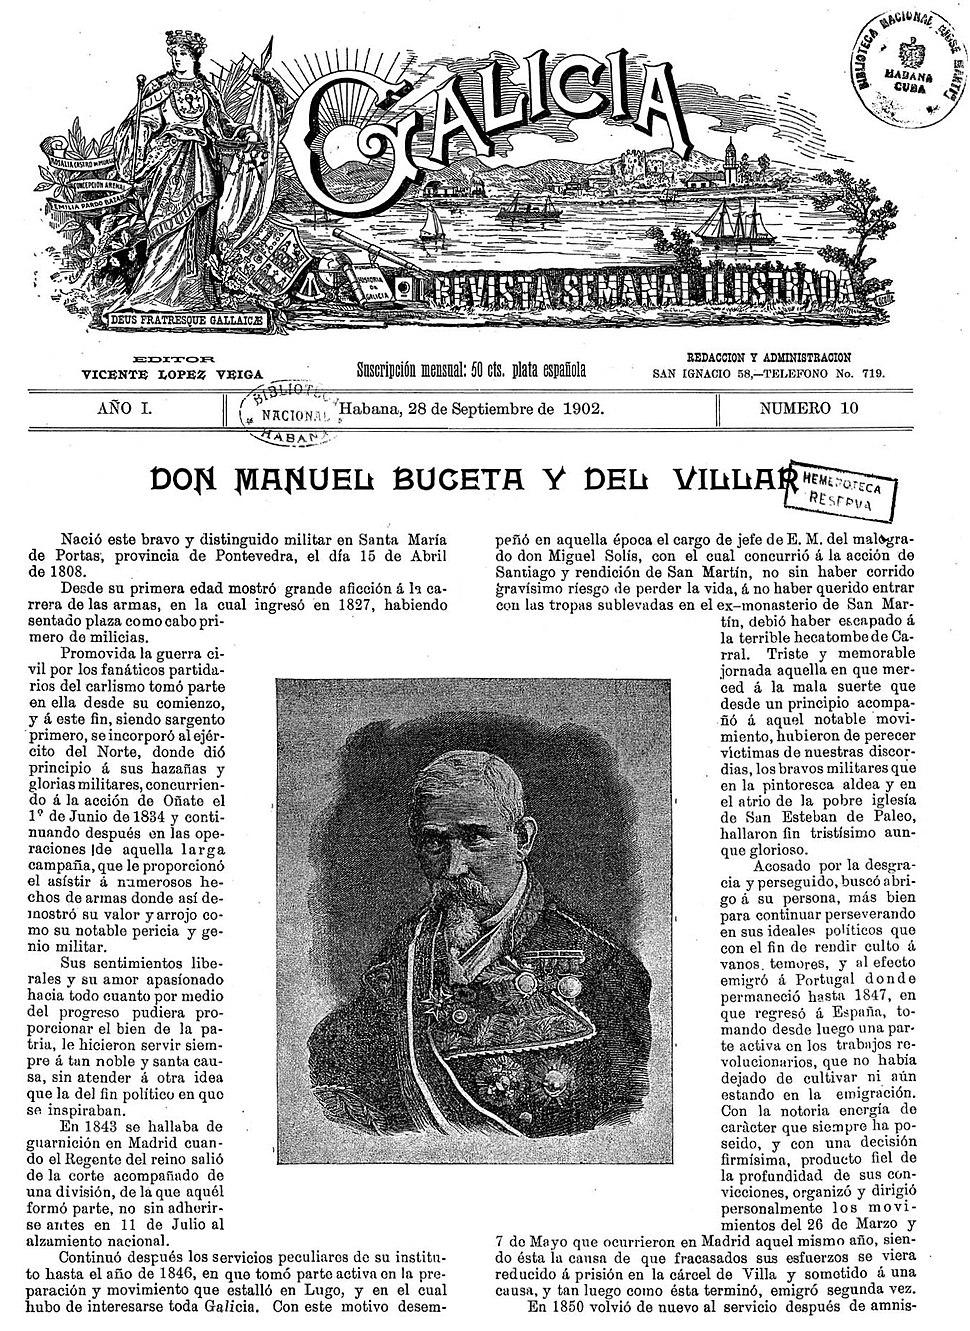 Galicia. Revista semanal ilustrada, número 10. La Habana. 28 de septiembre de 1902